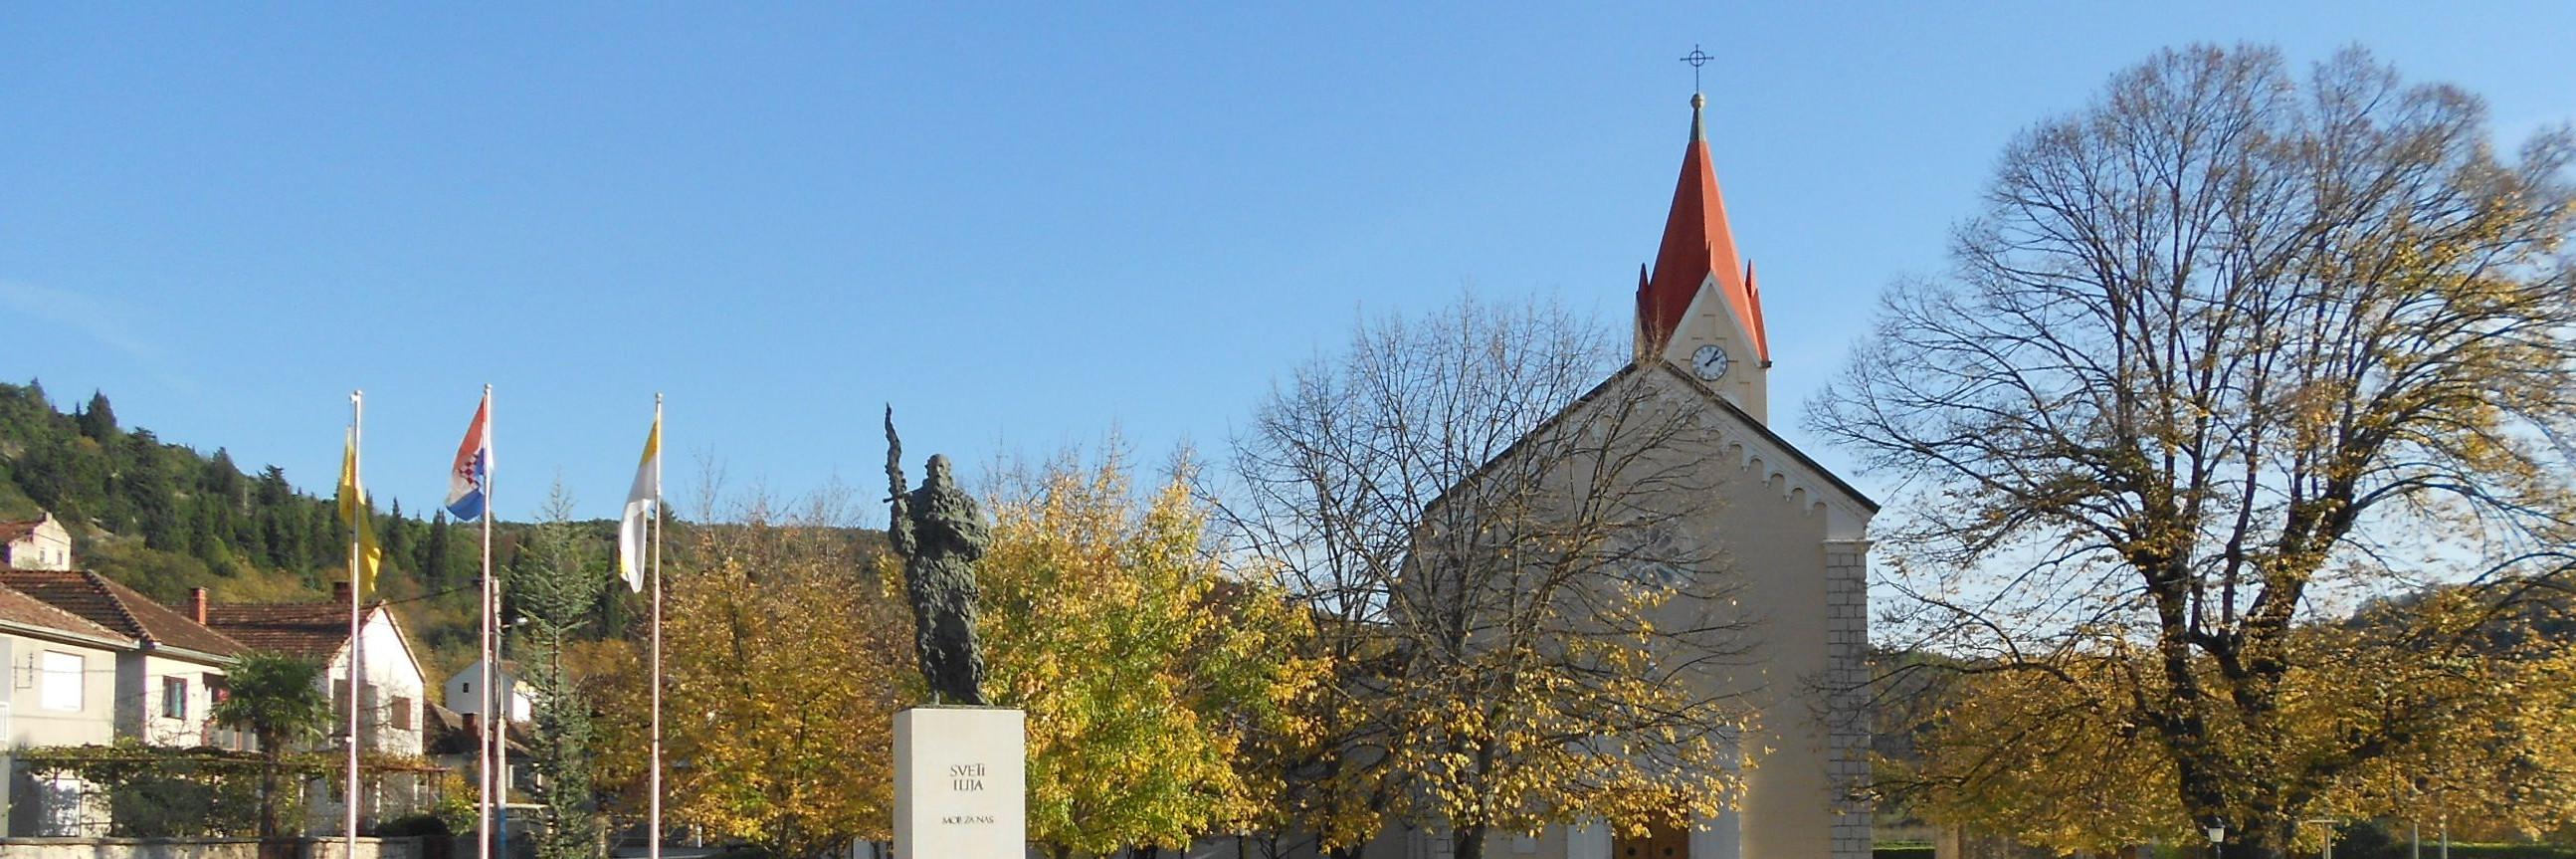 Церковь св. пророка Илии в Столаце. Фото: Елена Арсениевич, CC BY-SA 3.0